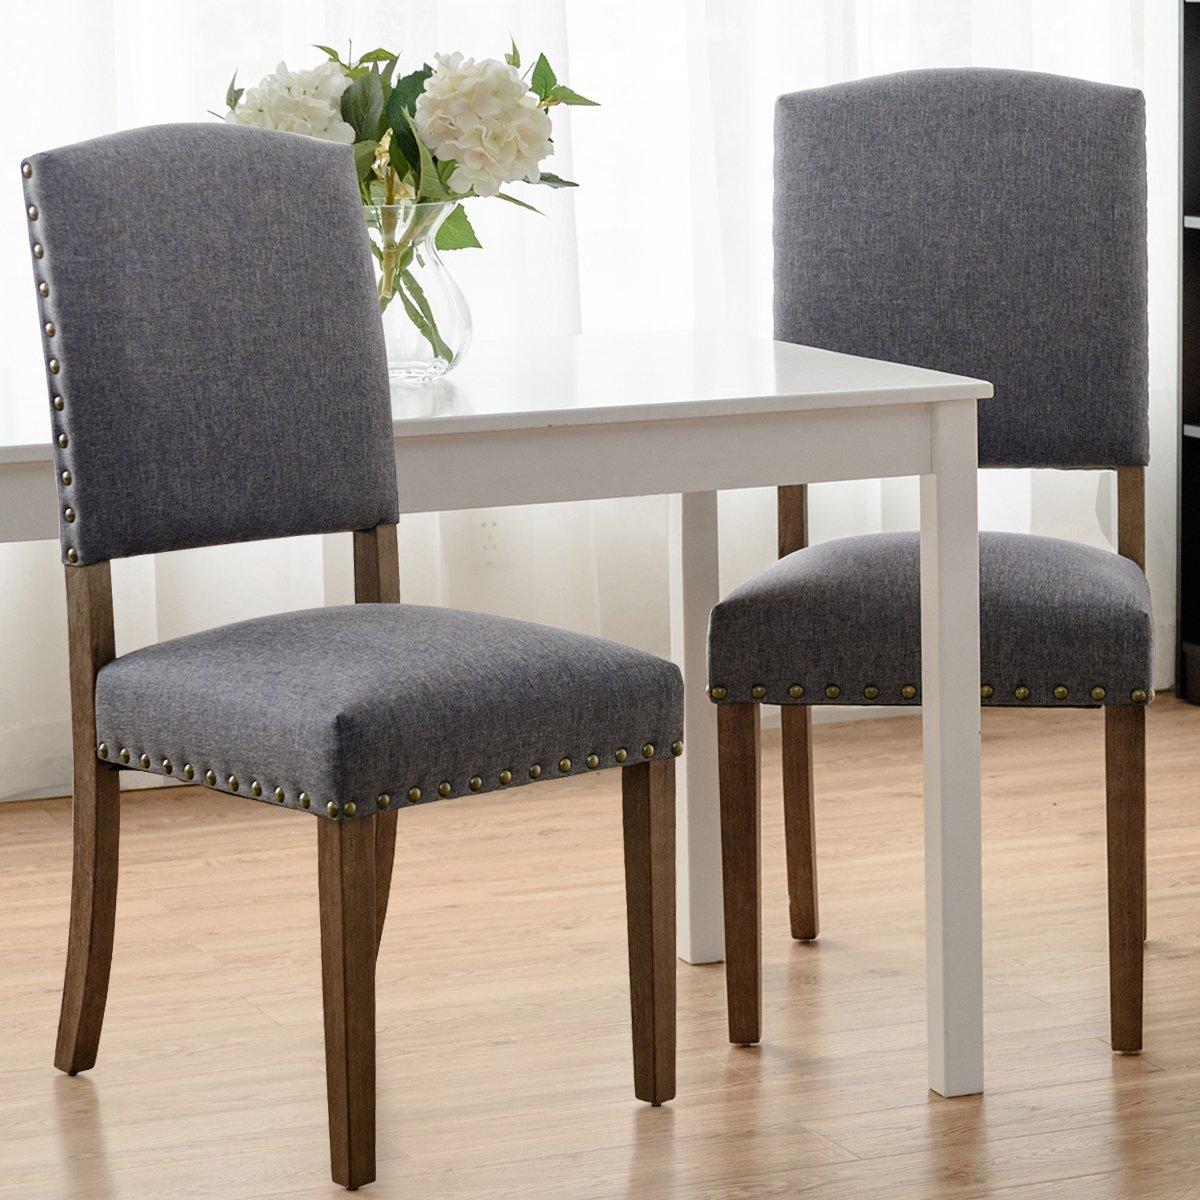 Amazon.com: Giantex armess madera juego de silla de comedor ...